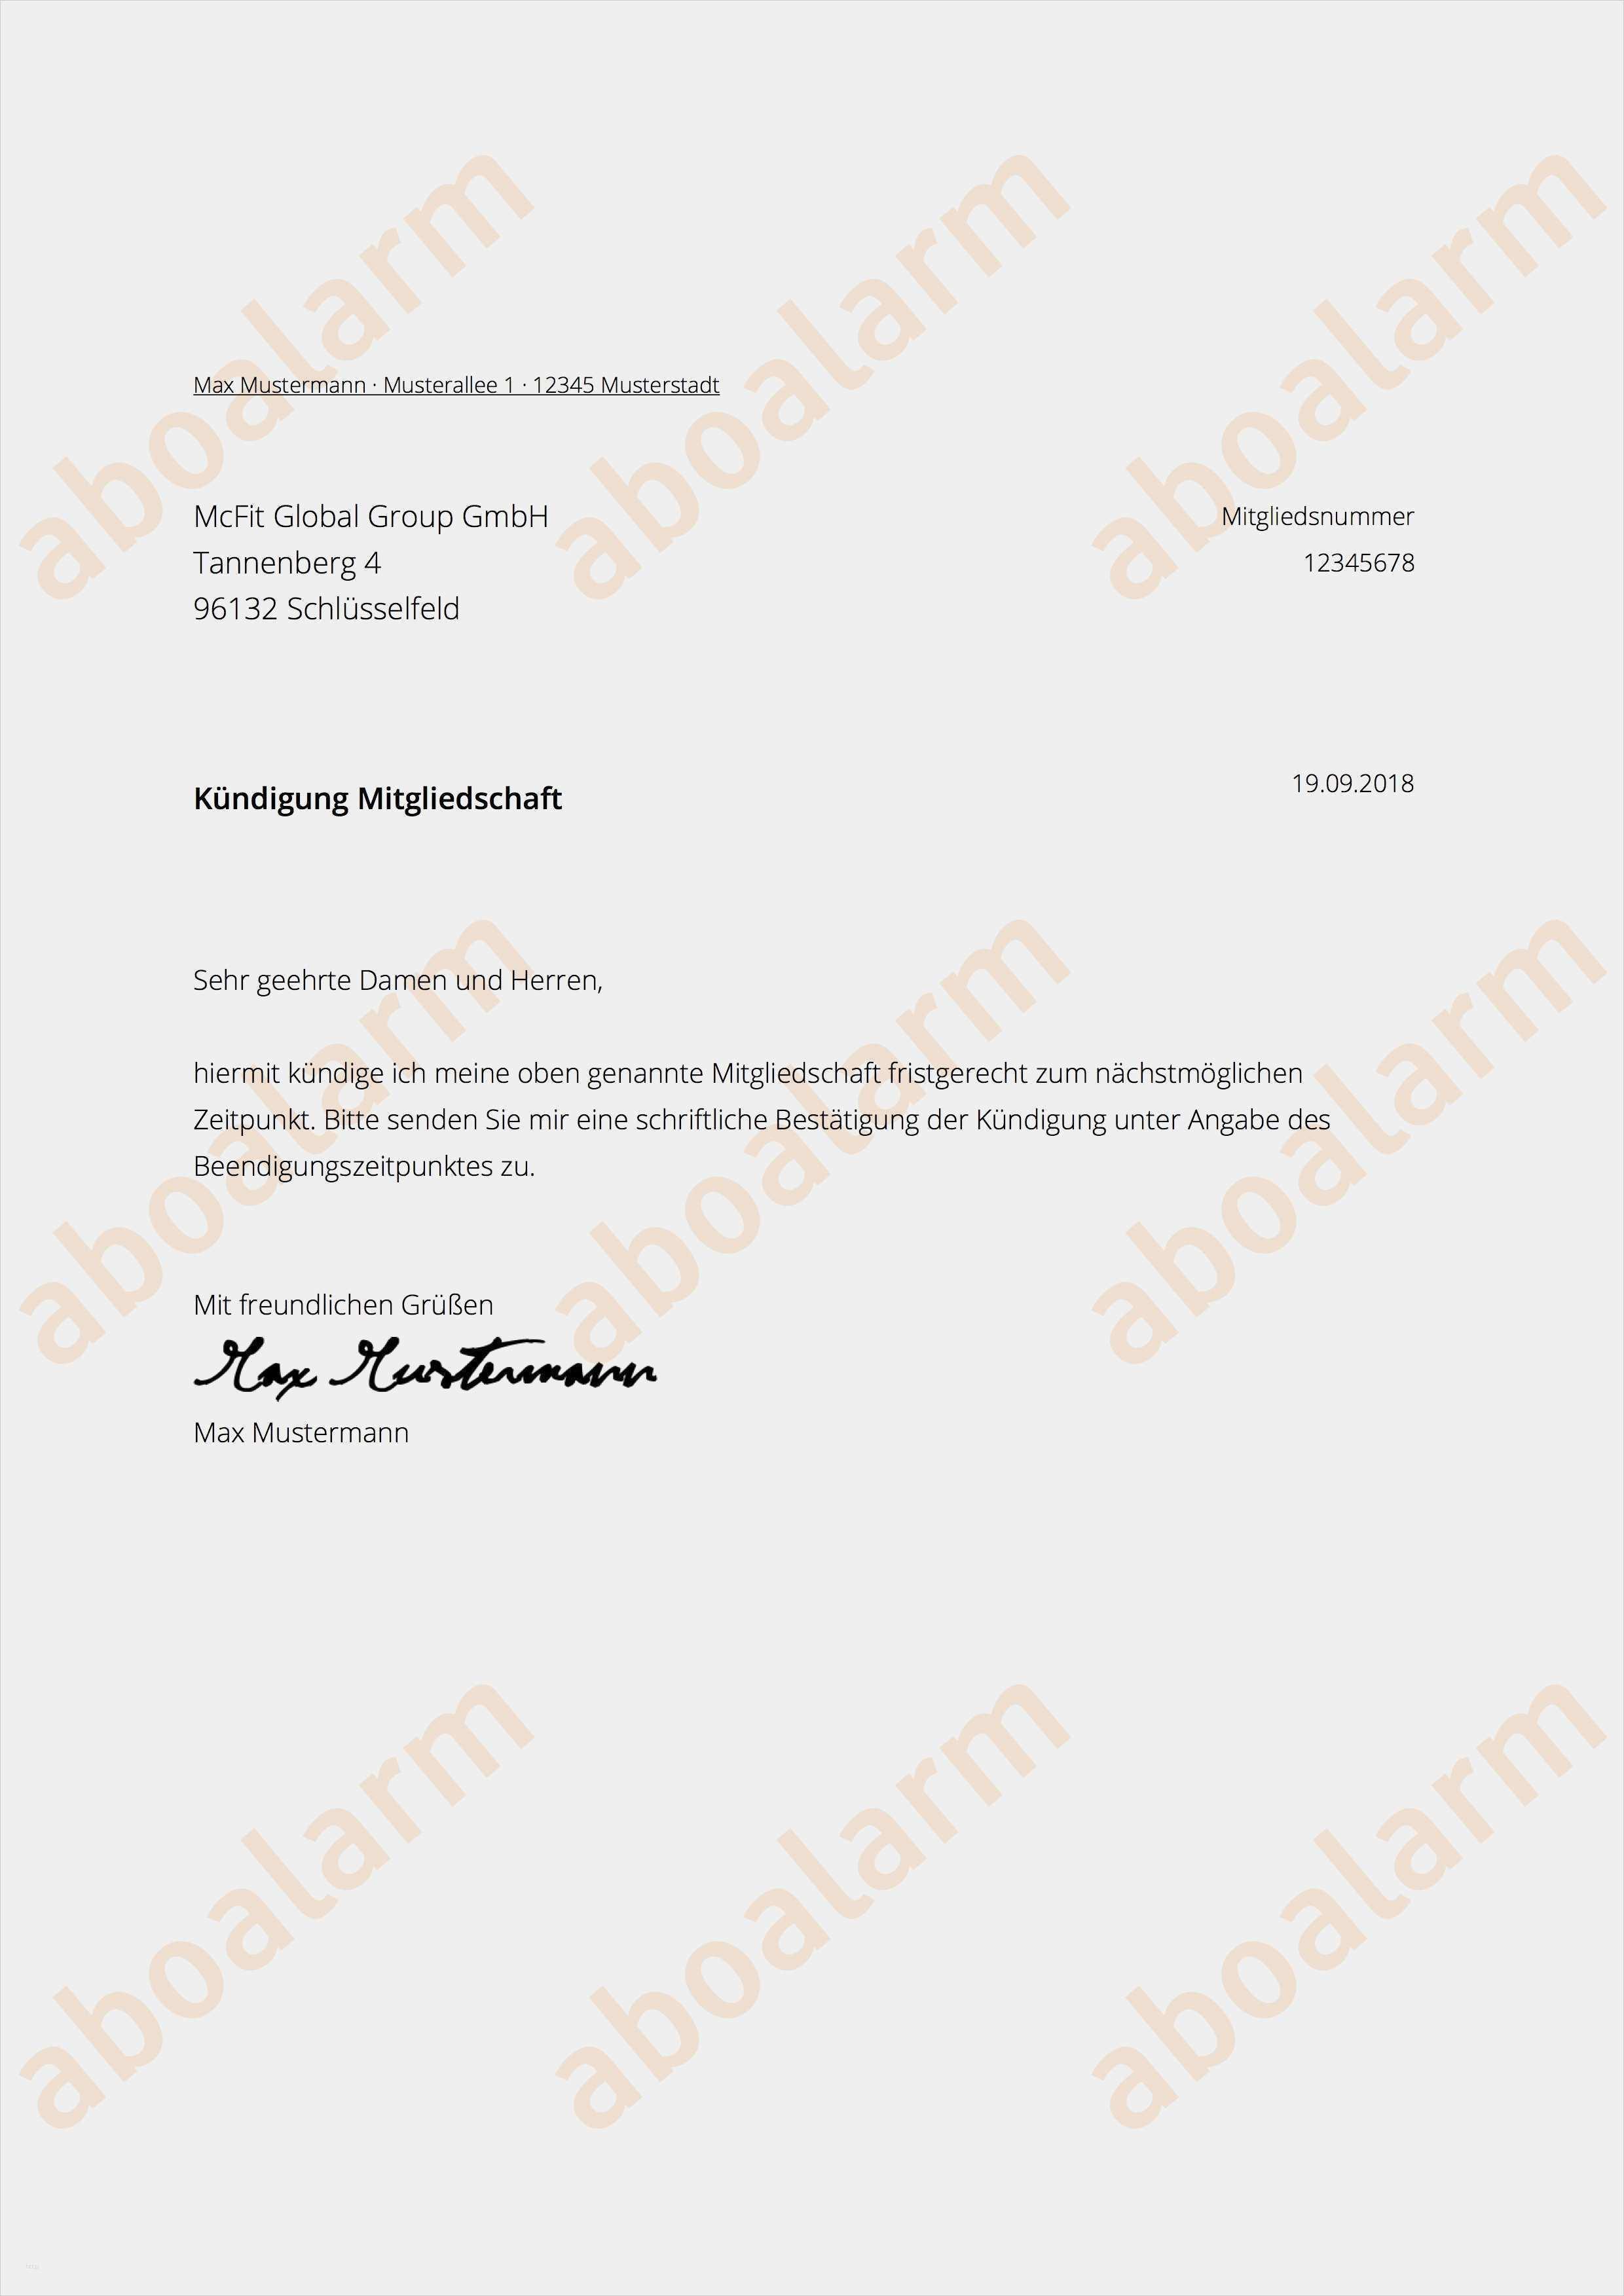 32 Angenehm Unitymedia Sonderkundigung Vorlage Abbildung Vorlagen Word Vorlagen Flugblatt Design